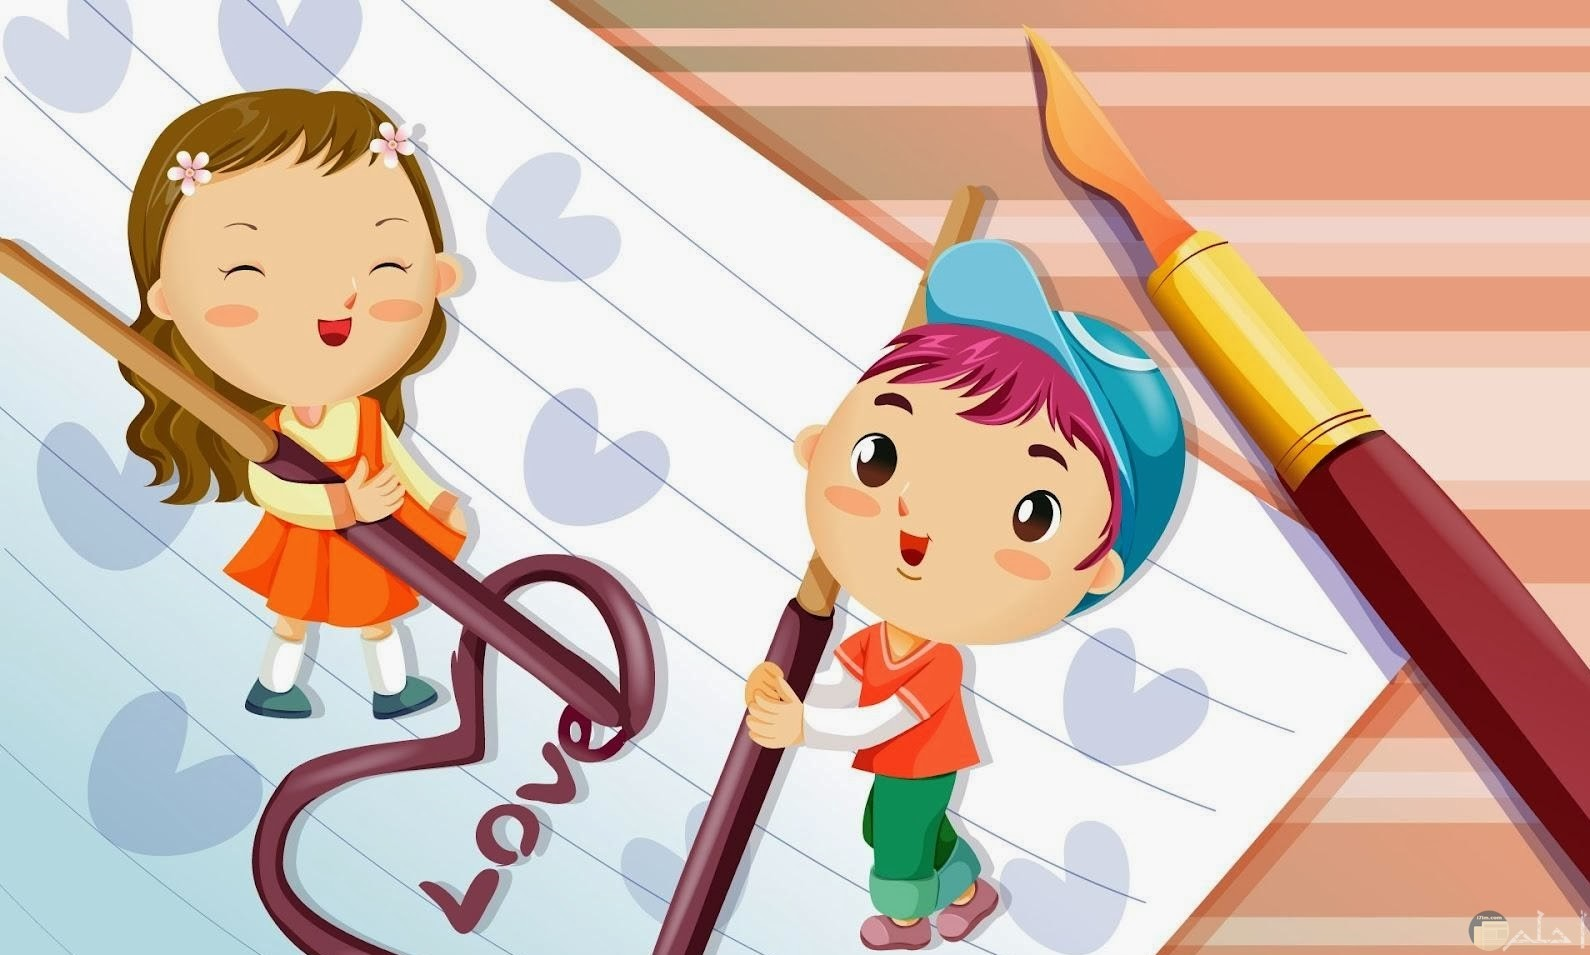 رسمة كرتون لبنت و ولد يكتبان love